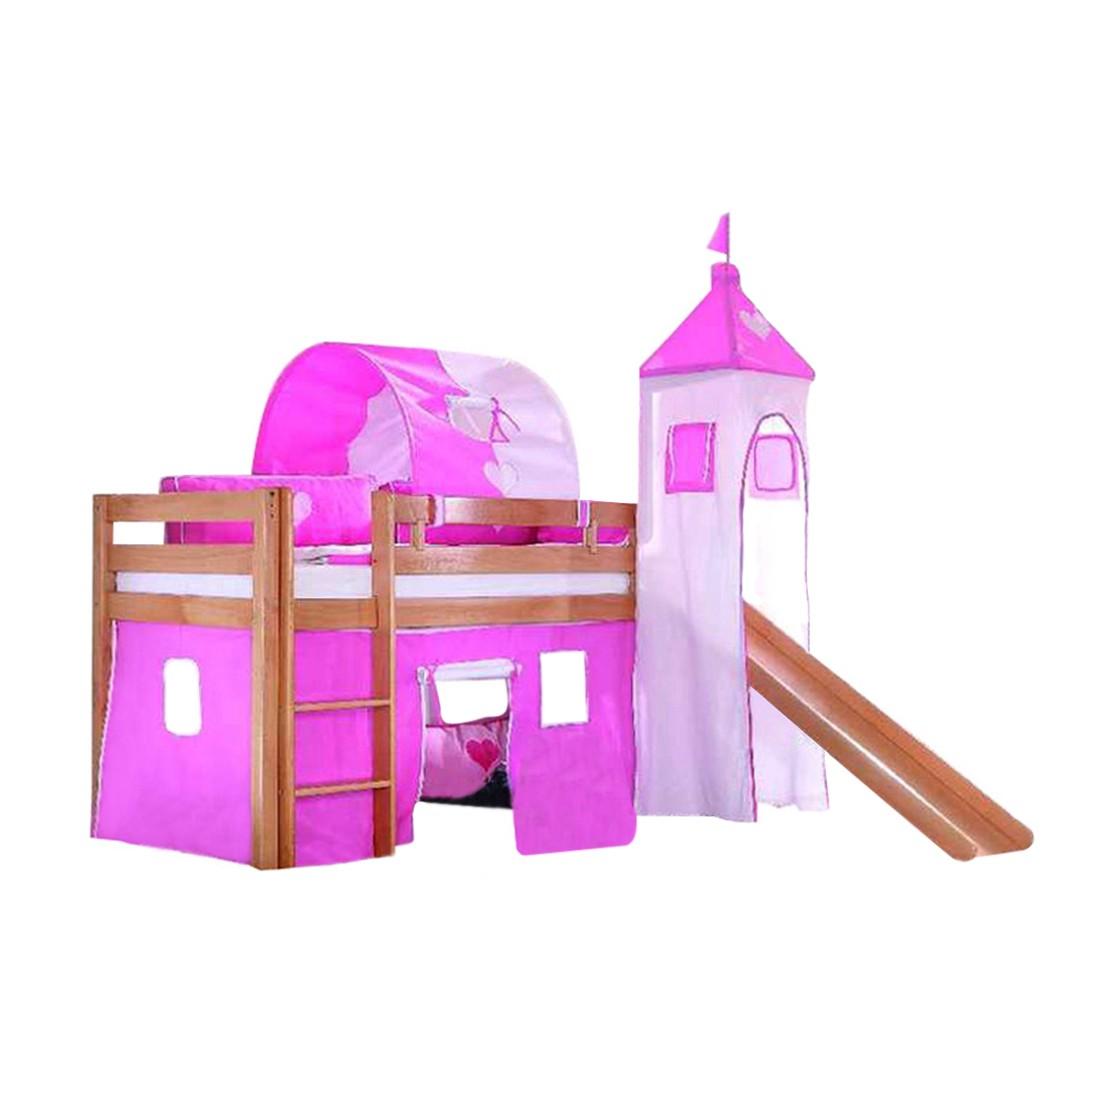 Spielbett Alex – Massivholz Buche – mit Rutsche, Turm und Textilset in Pink/Rosa, Relita online kaufen